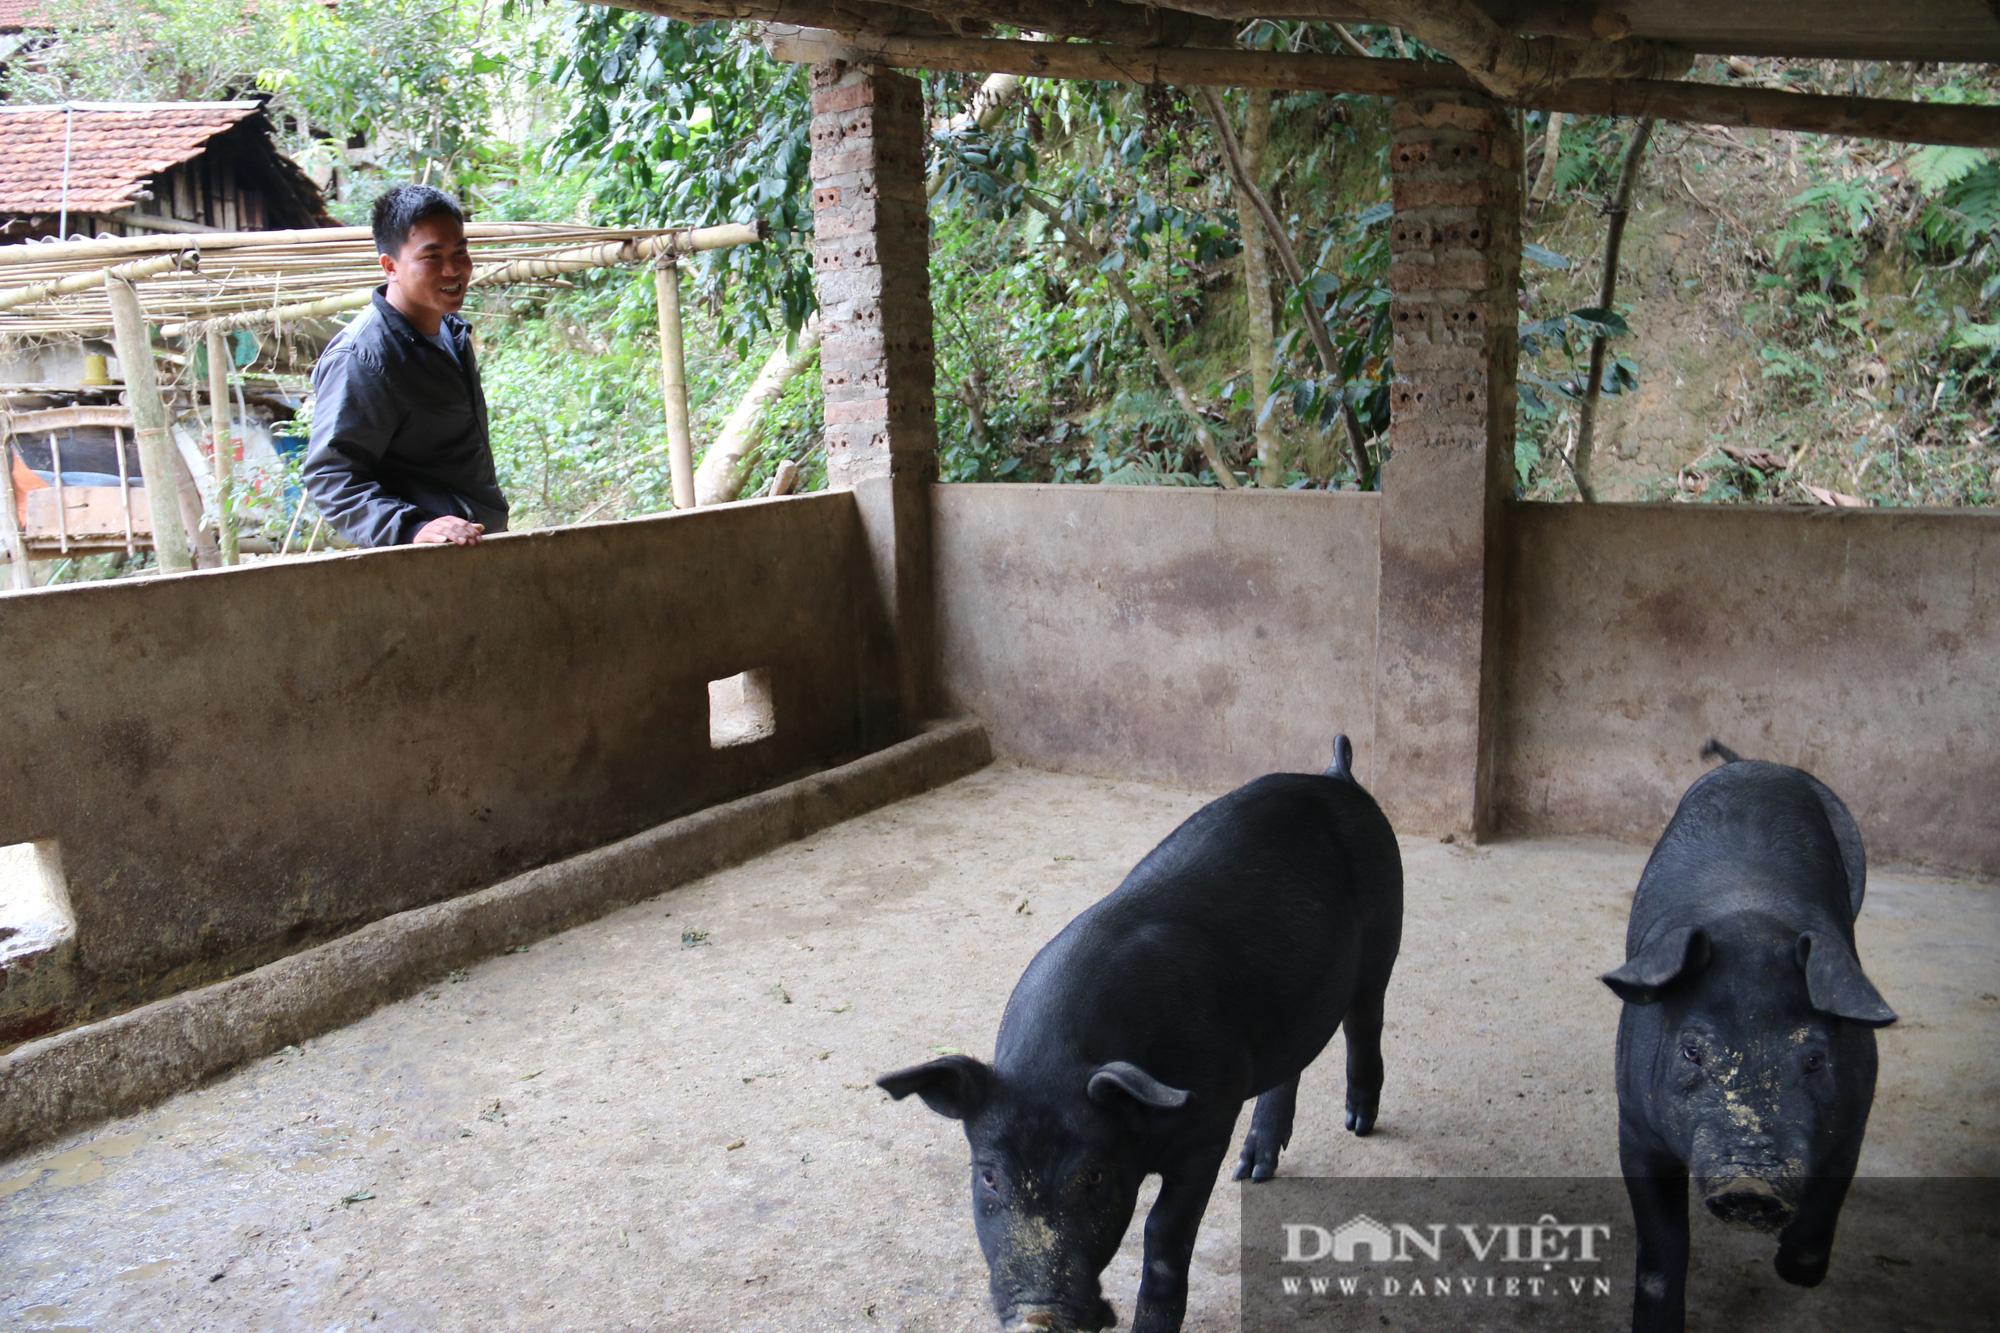 Hòa Bình: Liên kết nuôi lợn bản địa để cùng nhau xóa nghèo, làm giàu - Ảnh 4.